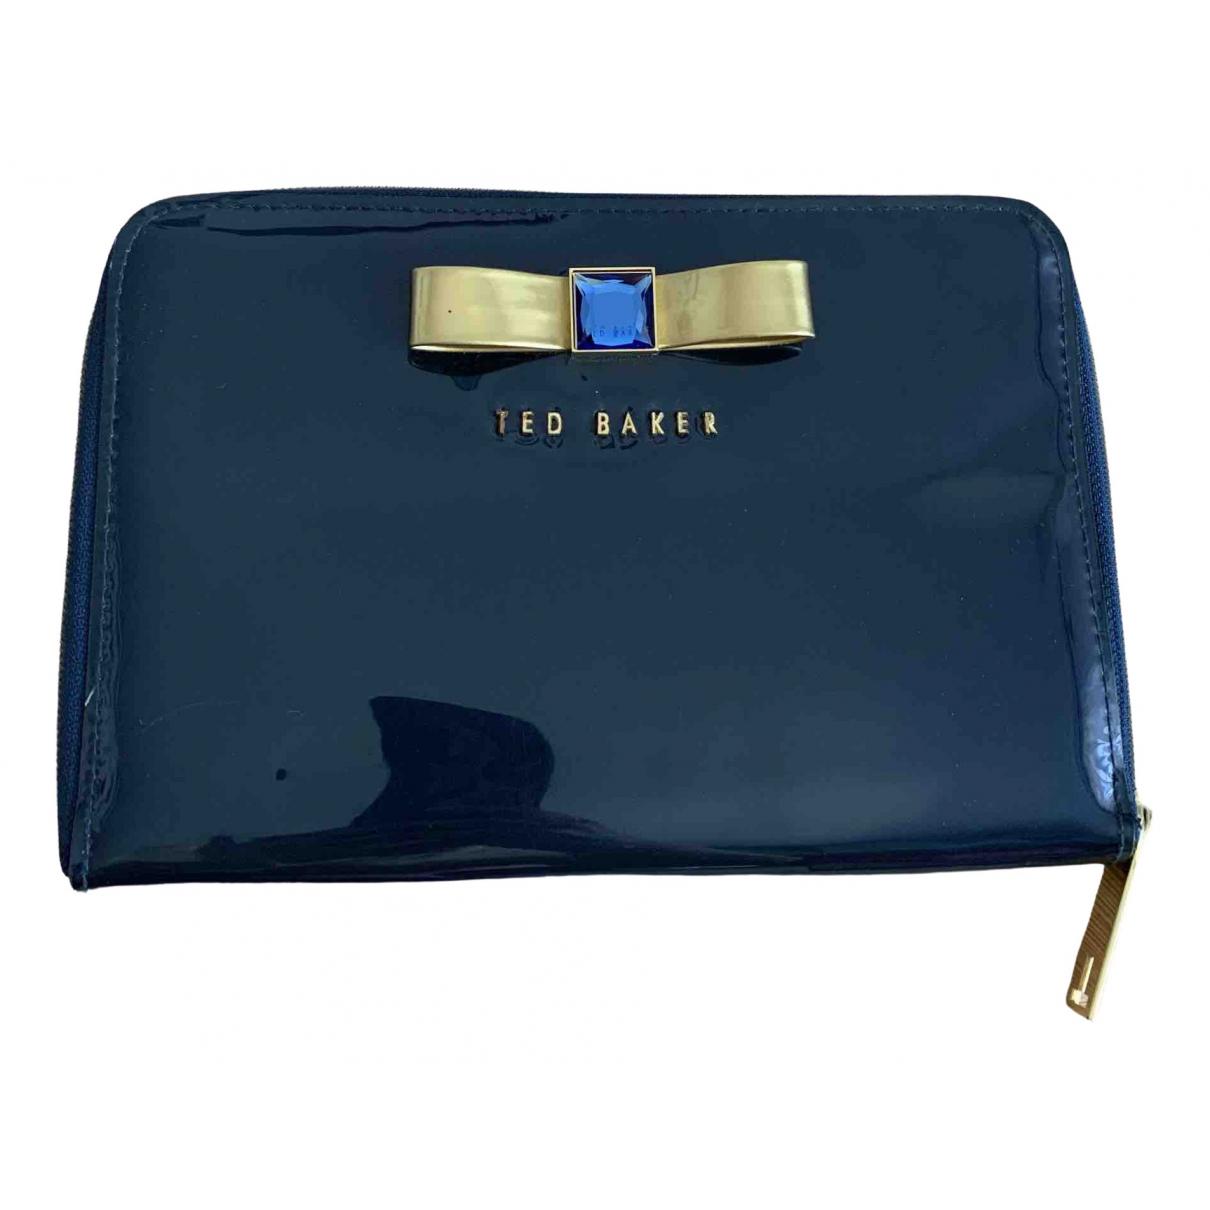 Ted Baker - Pochette   pour femme - bleu